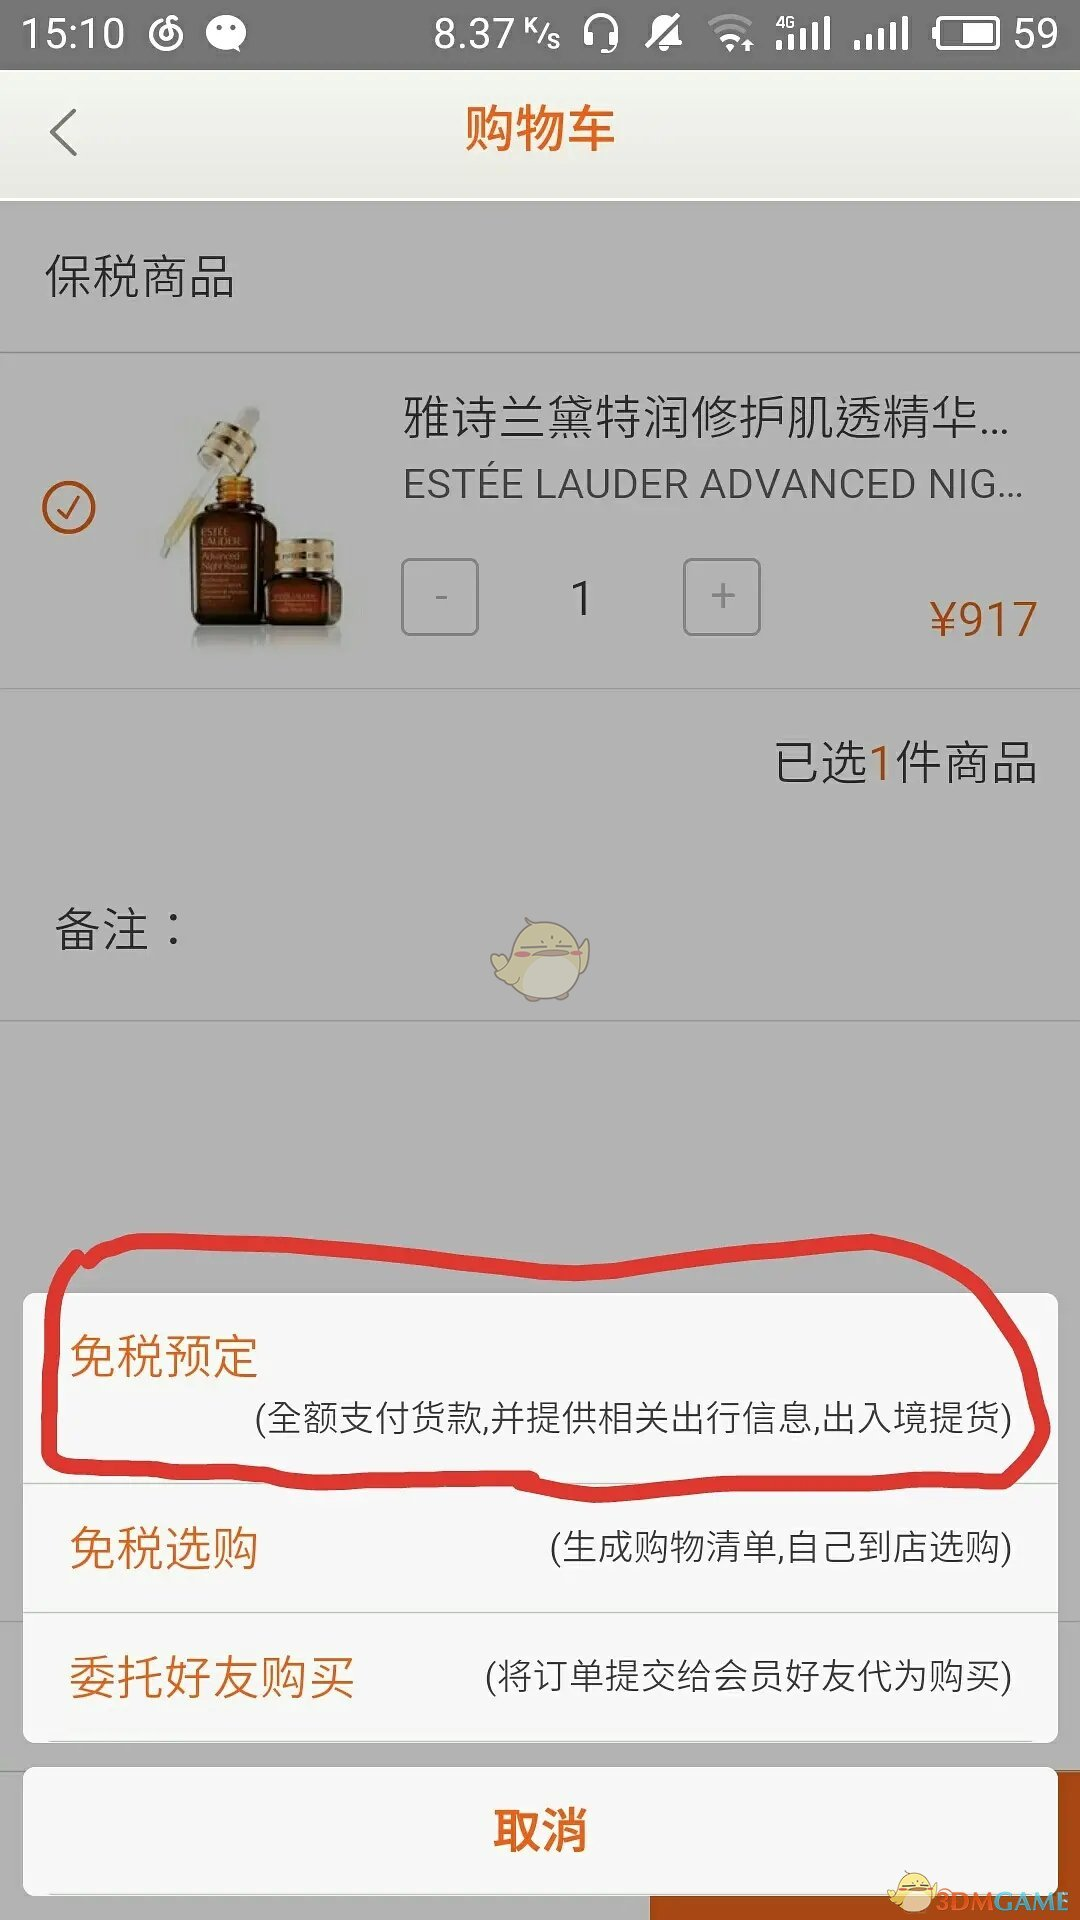 《日上会员》app最新版下载地址